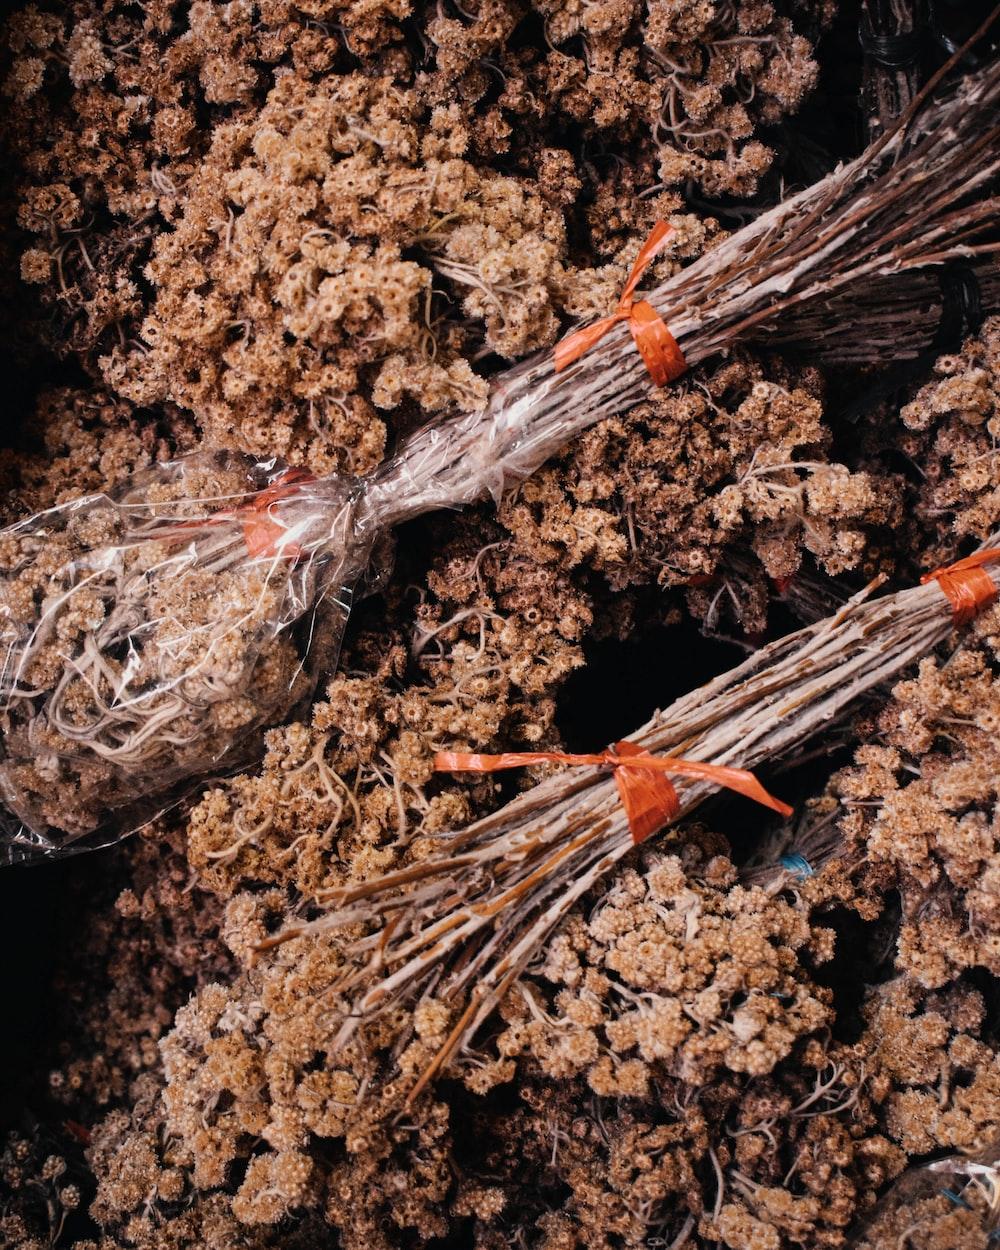 white and orange stick on brown soil